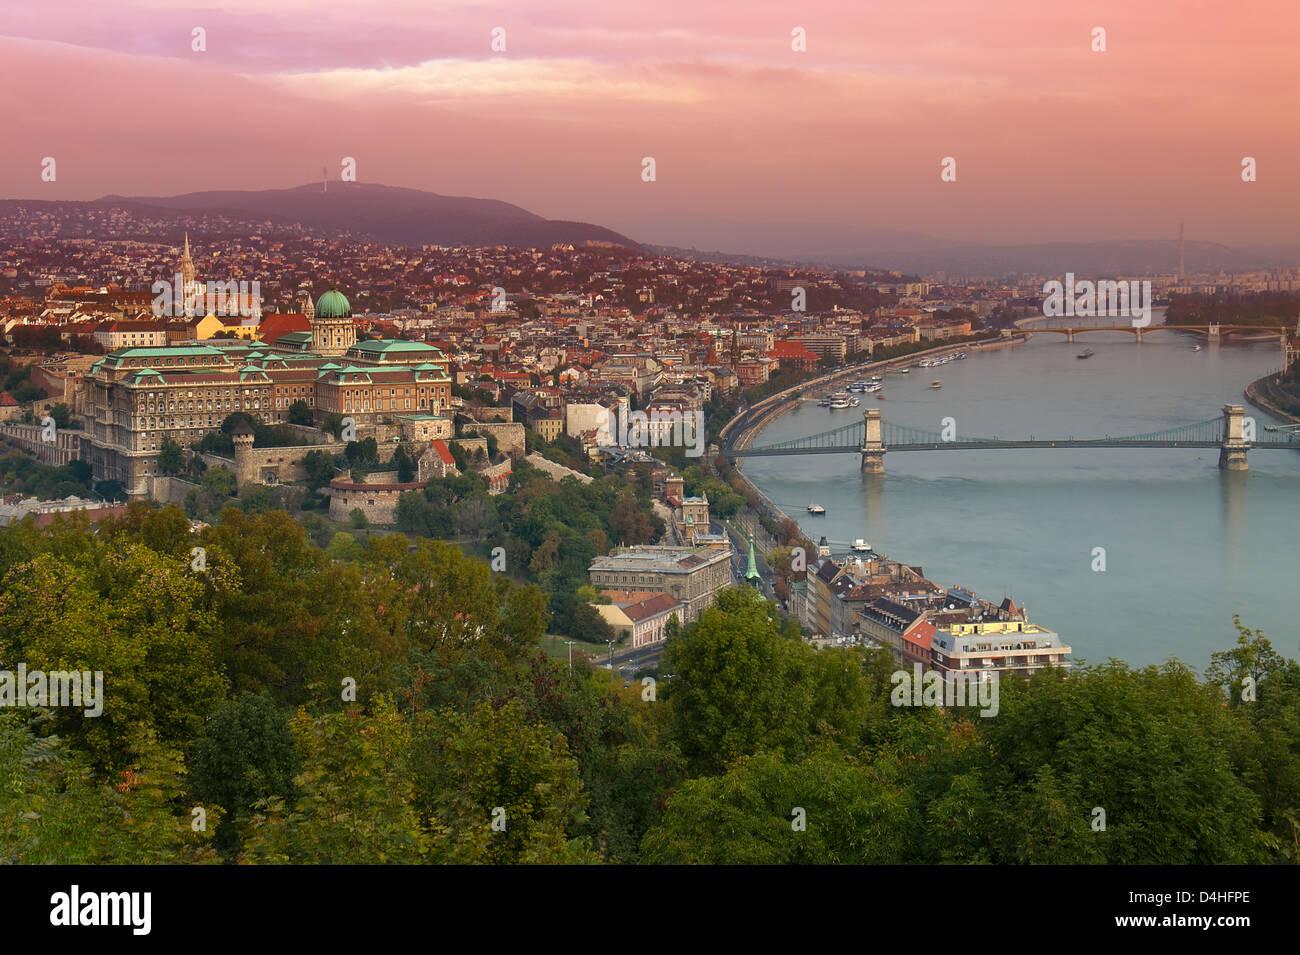 Une aube vue sur Budapest, à la recherche de la Citadelle, vers le centre-ville principale Banque D'Images